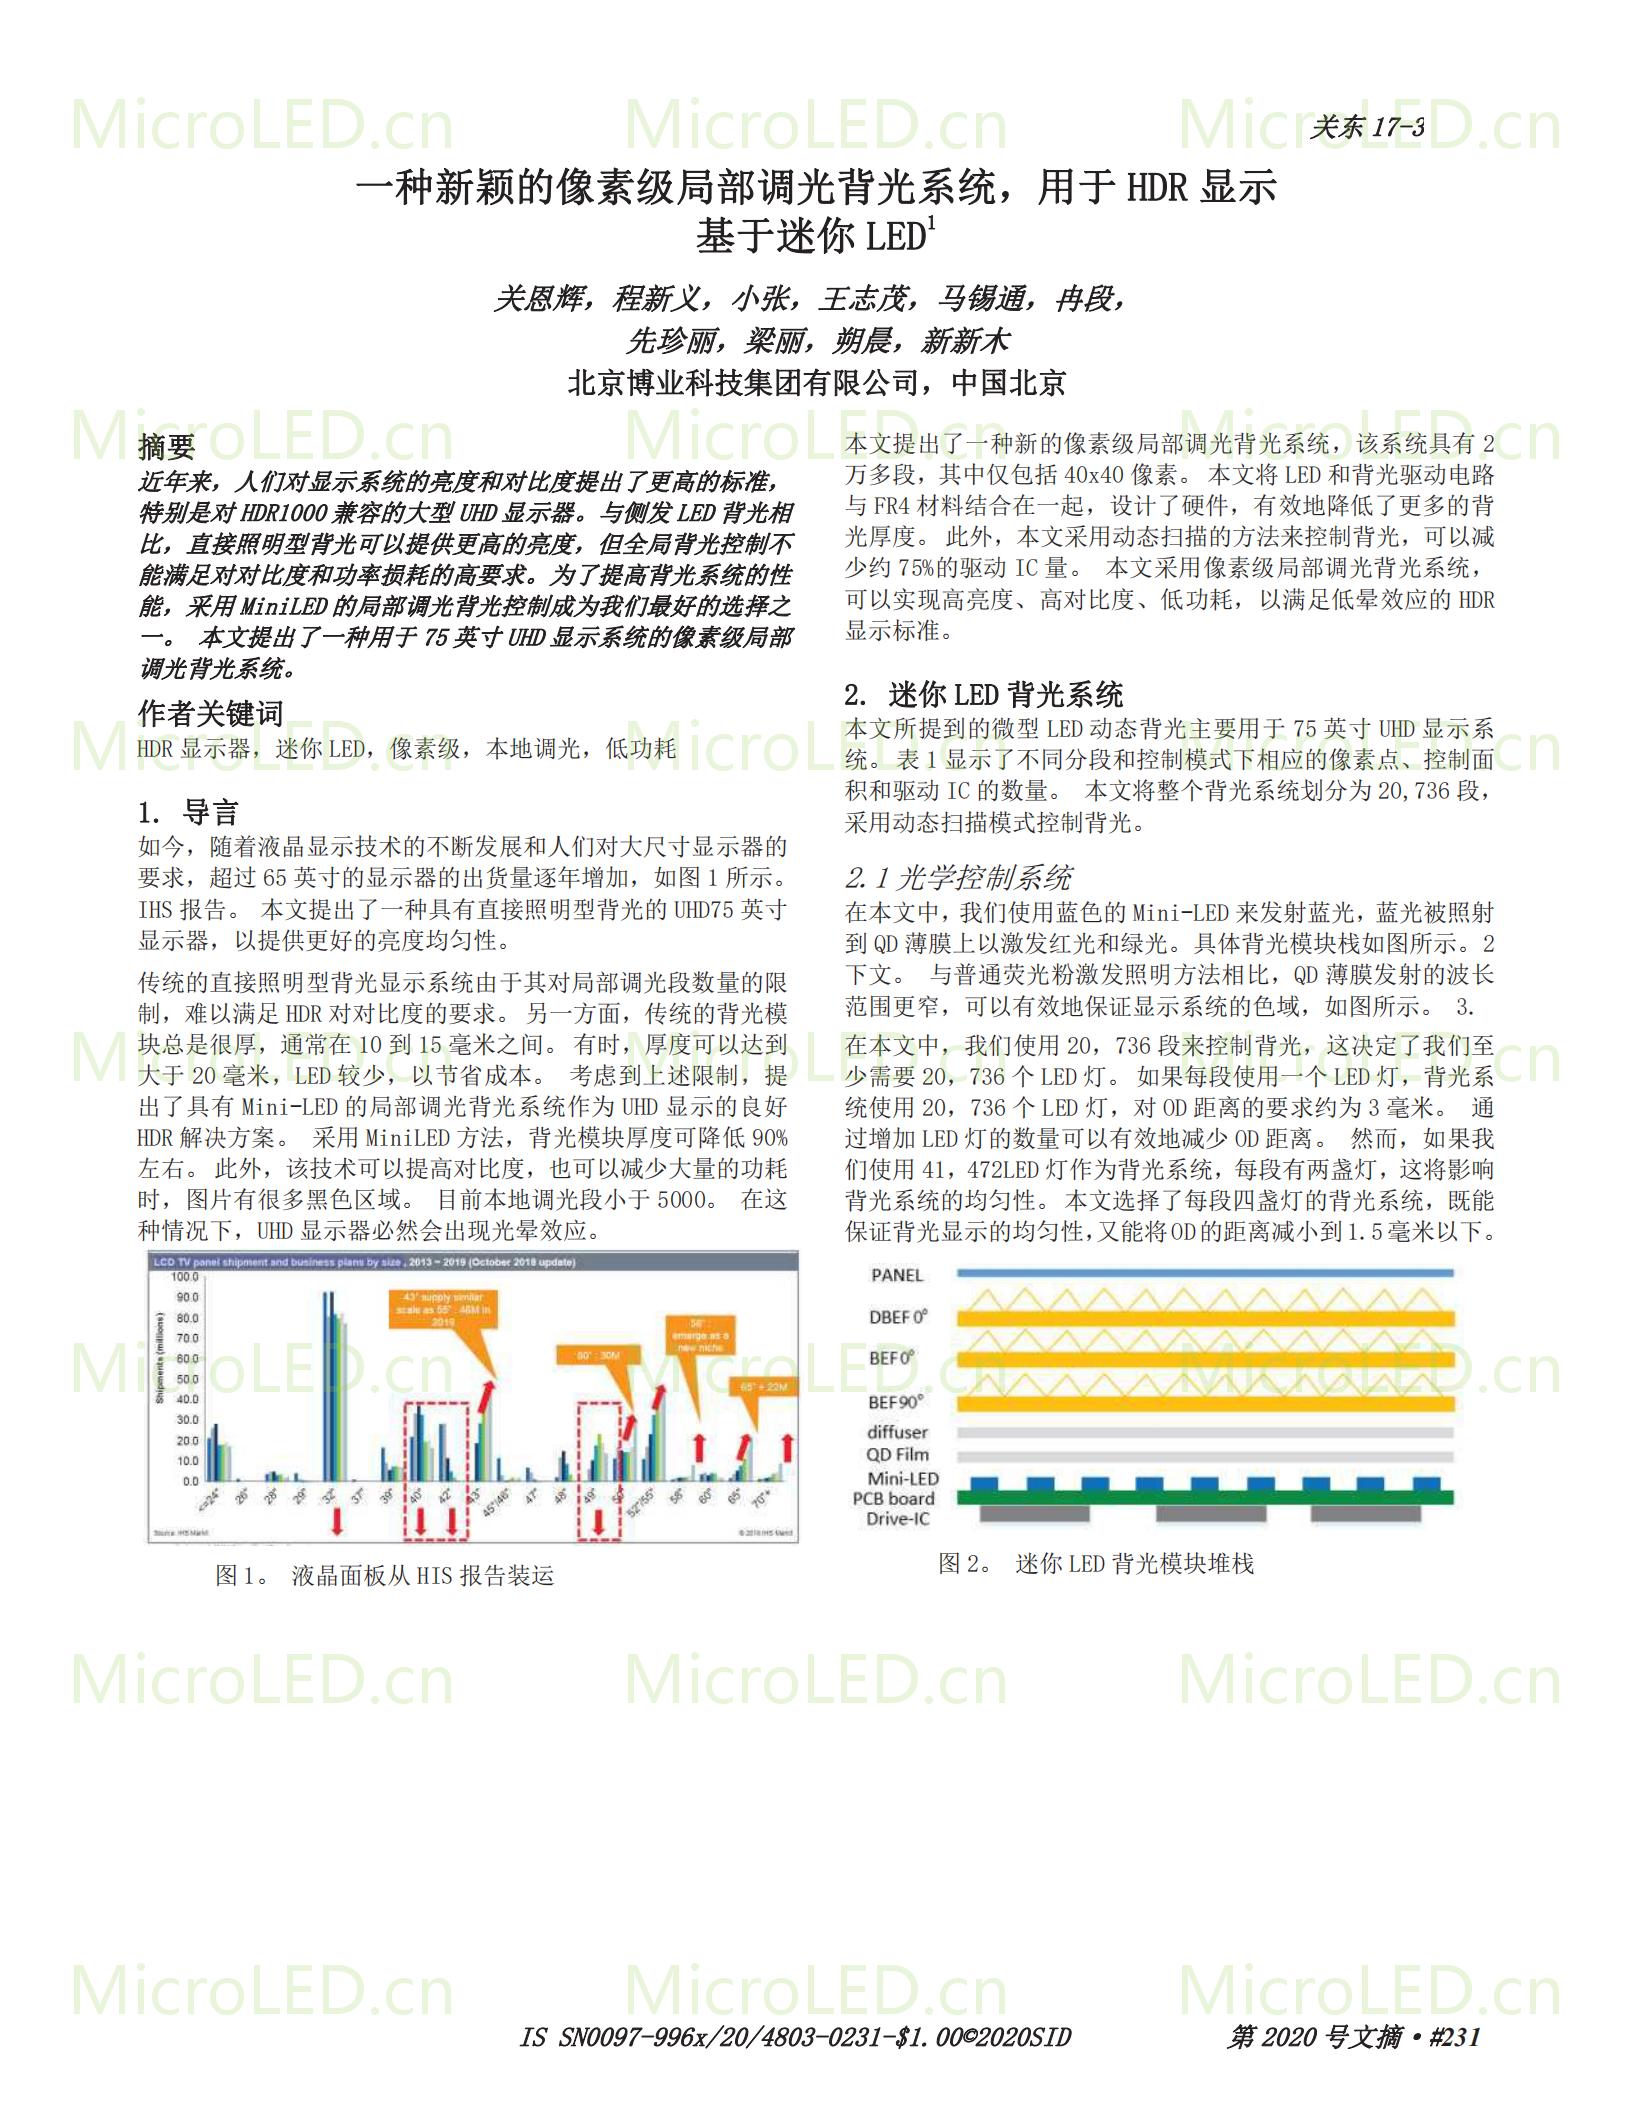 一种新颖的像素级局部调光背光系统,用于 HDR 显示 基于MiniLED  第1张